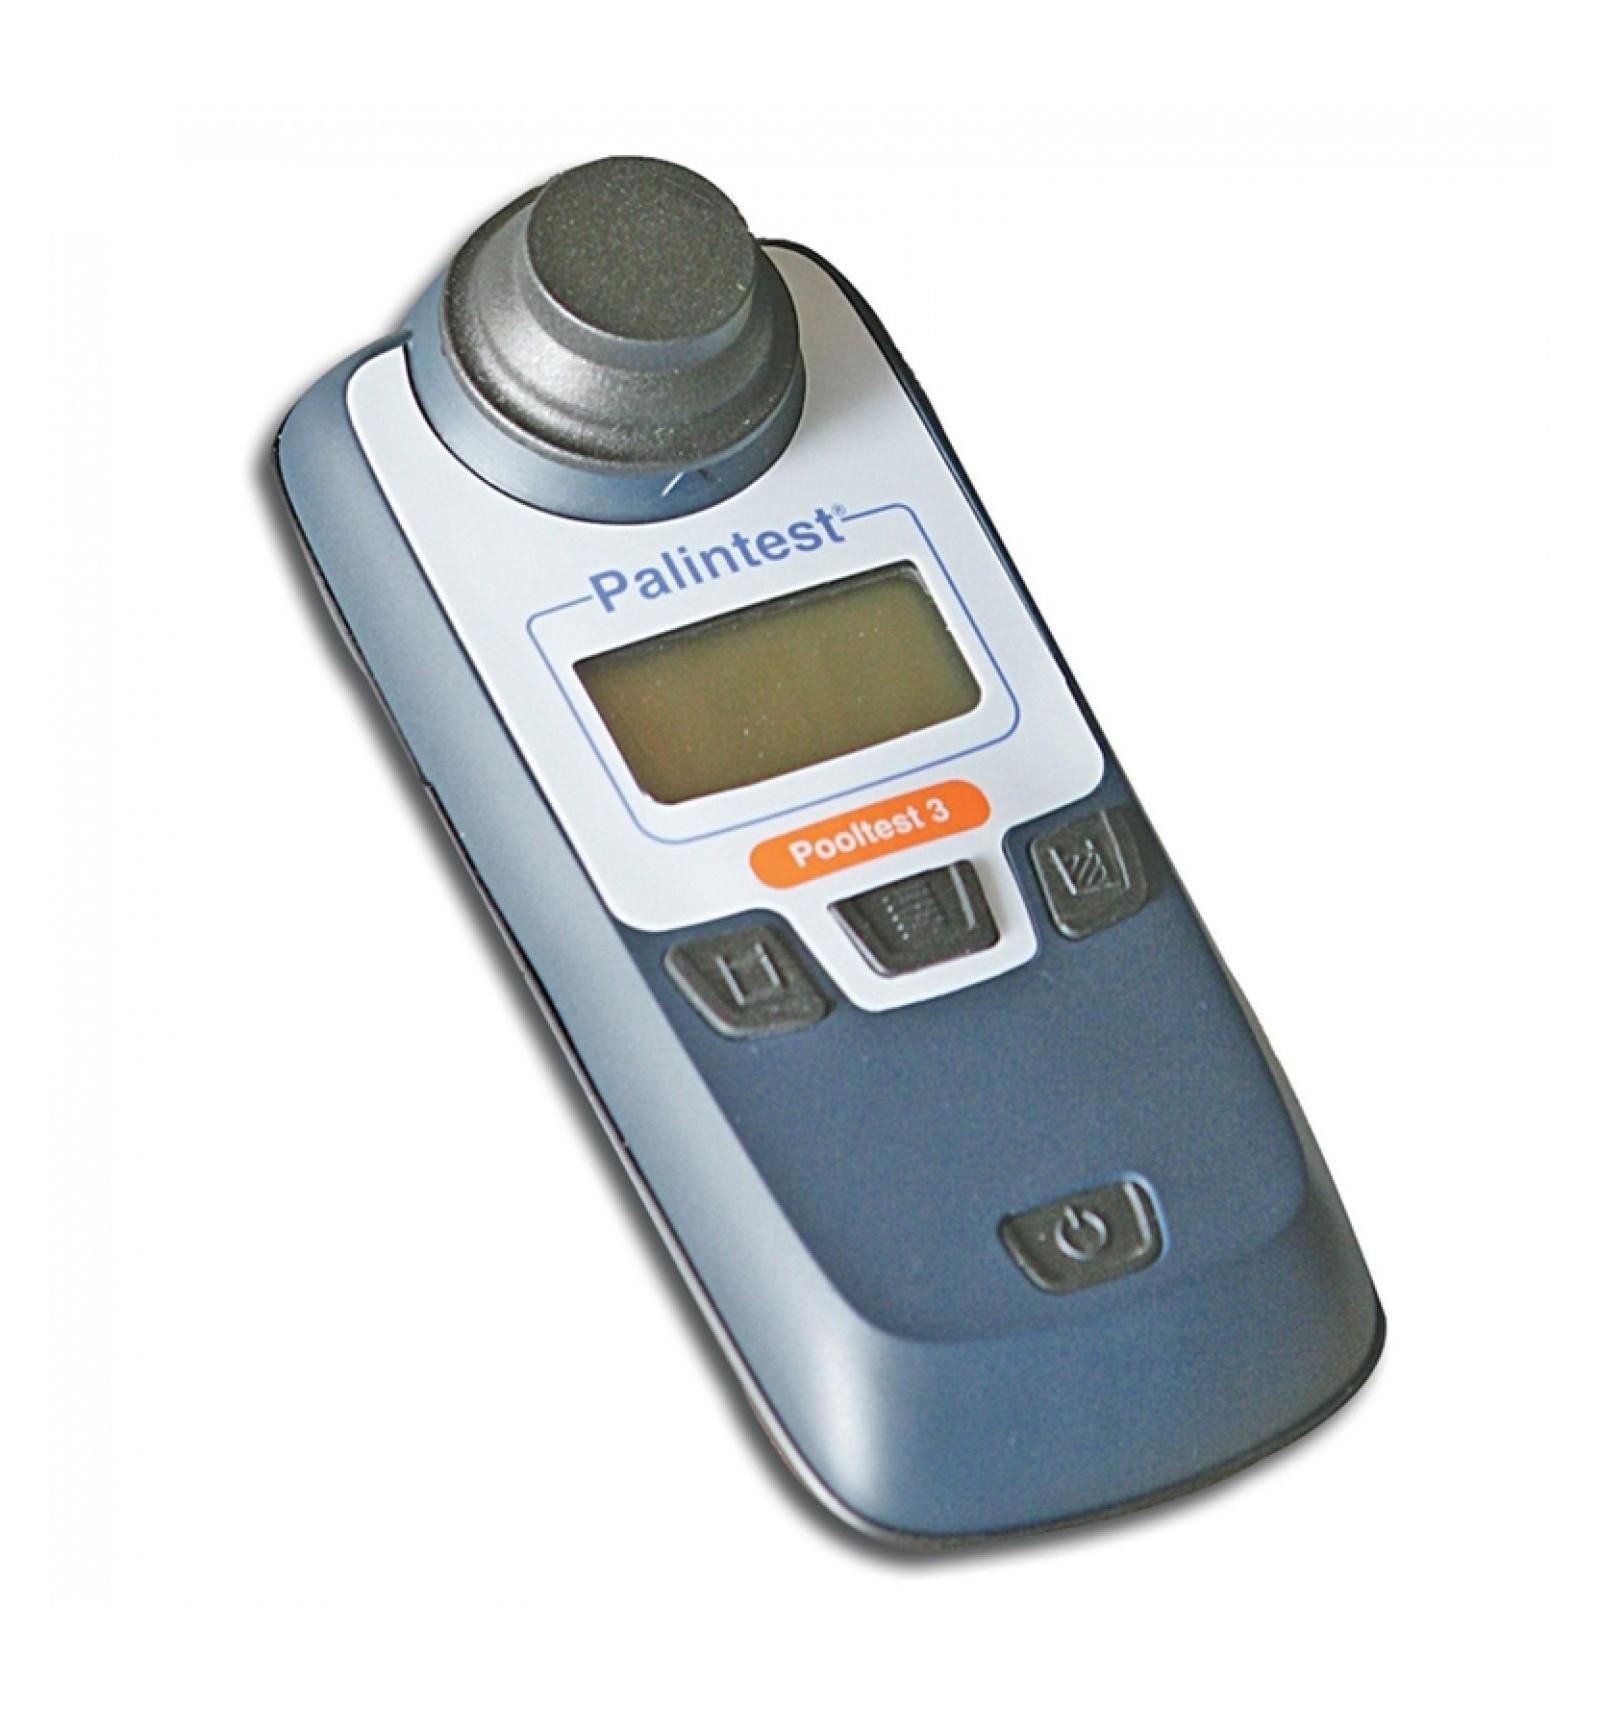 Pooltest 3 Palintest Photomètre Chlore, Ph, Stabilisant Piscine concernant Photomètre Piscine